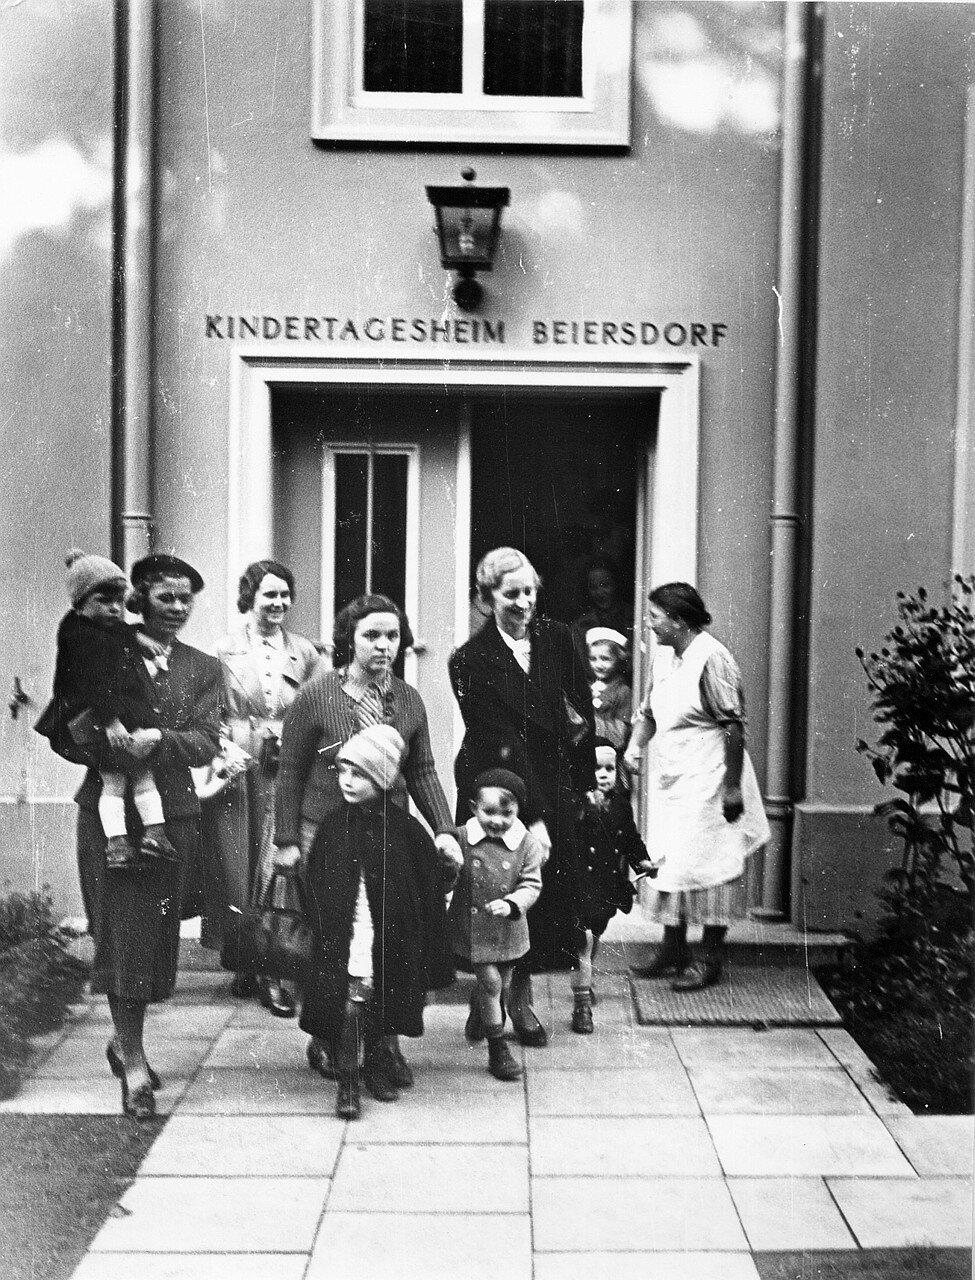 Гамбург. Байерсдорфский Центр дневного ухода за детьми. Матери забирают своих детей